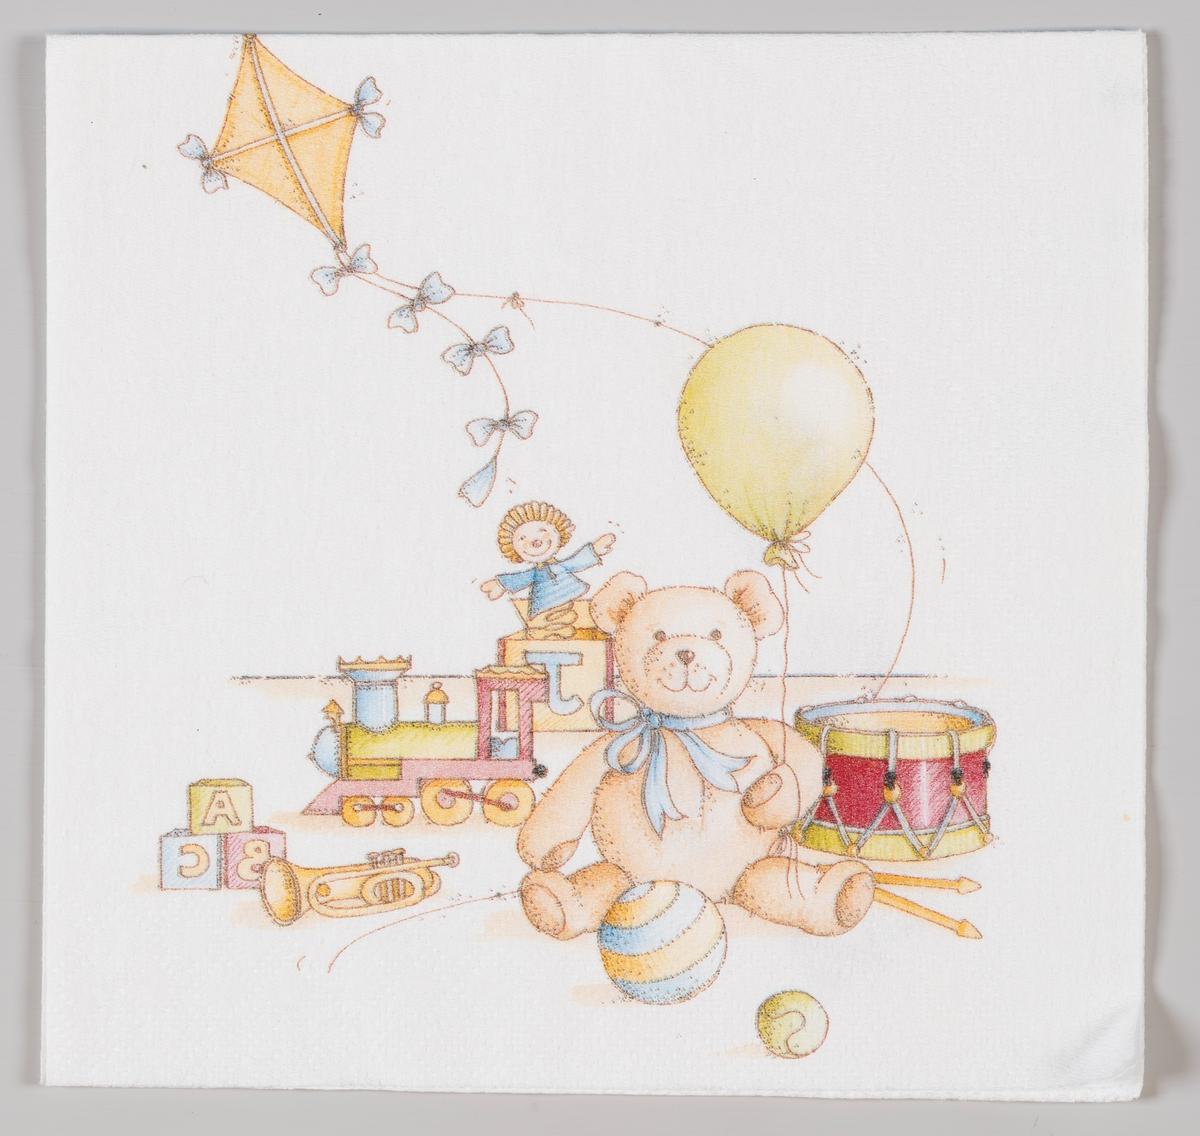 En teddybjørn sitter med en ballong mellom mange forskjellige leker.